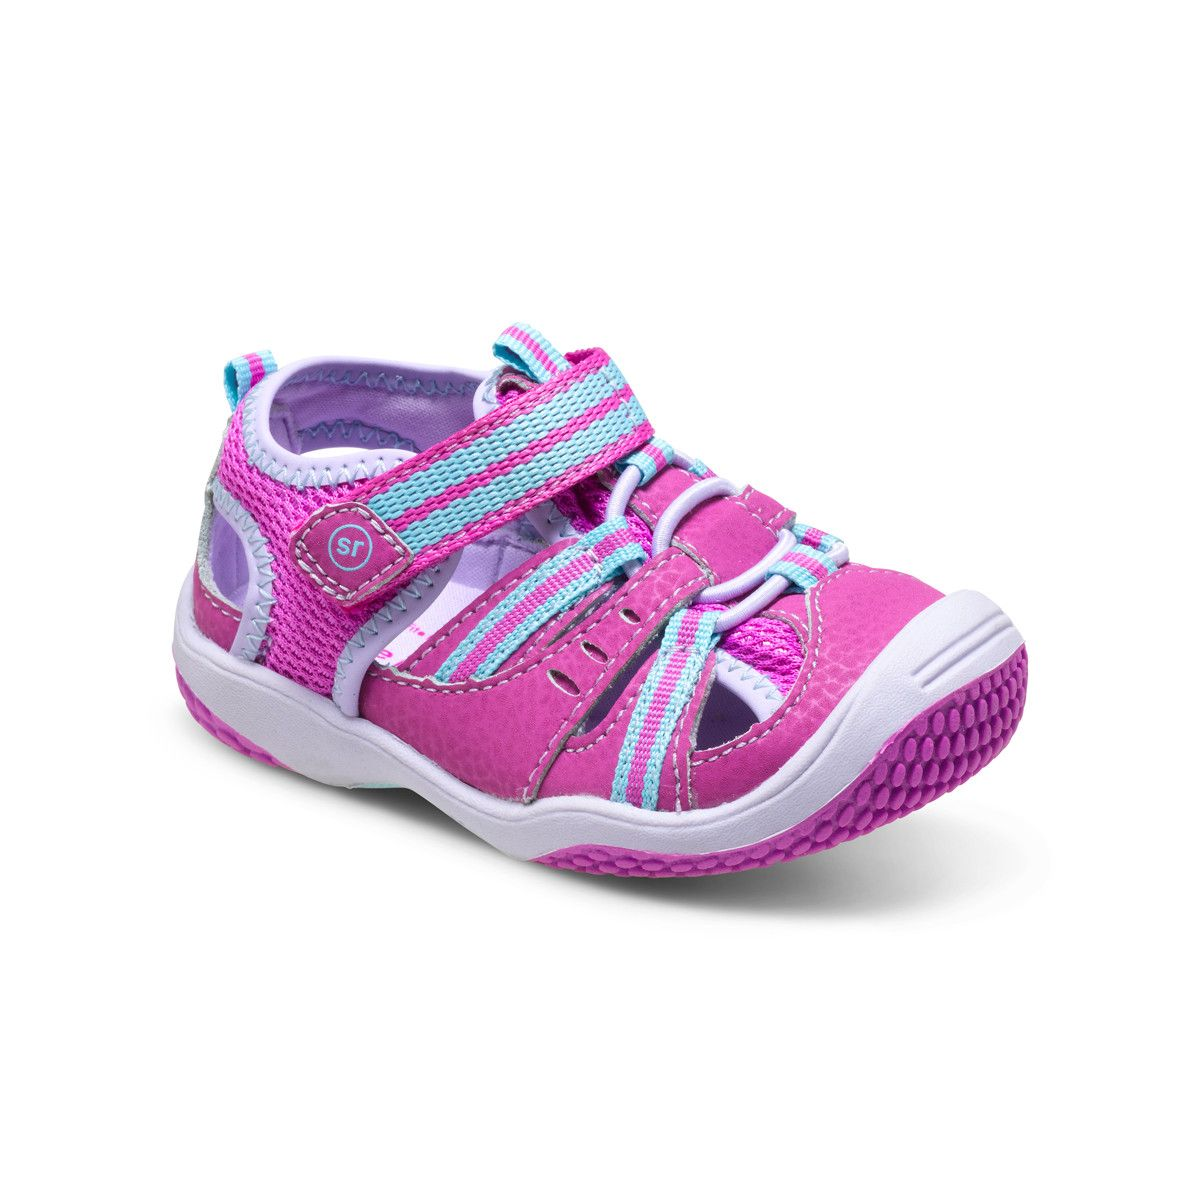 Stride Rite Baby Petra Water Sandal in Magenta/Turquoise. #stirderite #babypetra #watersandal #sandal #babygirlshoes #baby #girls #pink